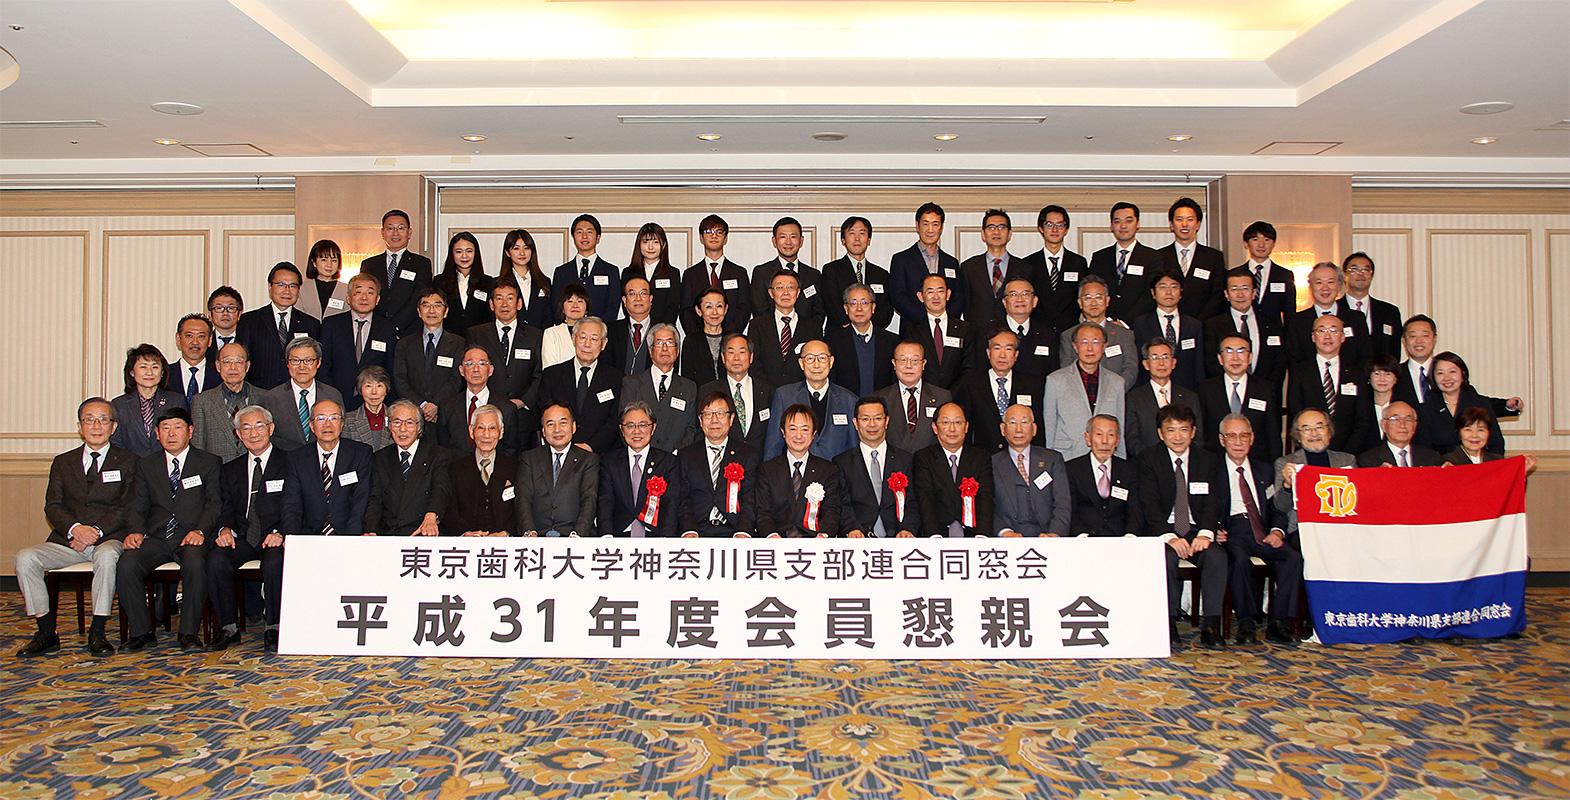 神奈川県支部連合同窓会/平成31年度 会員家族レクリエーション